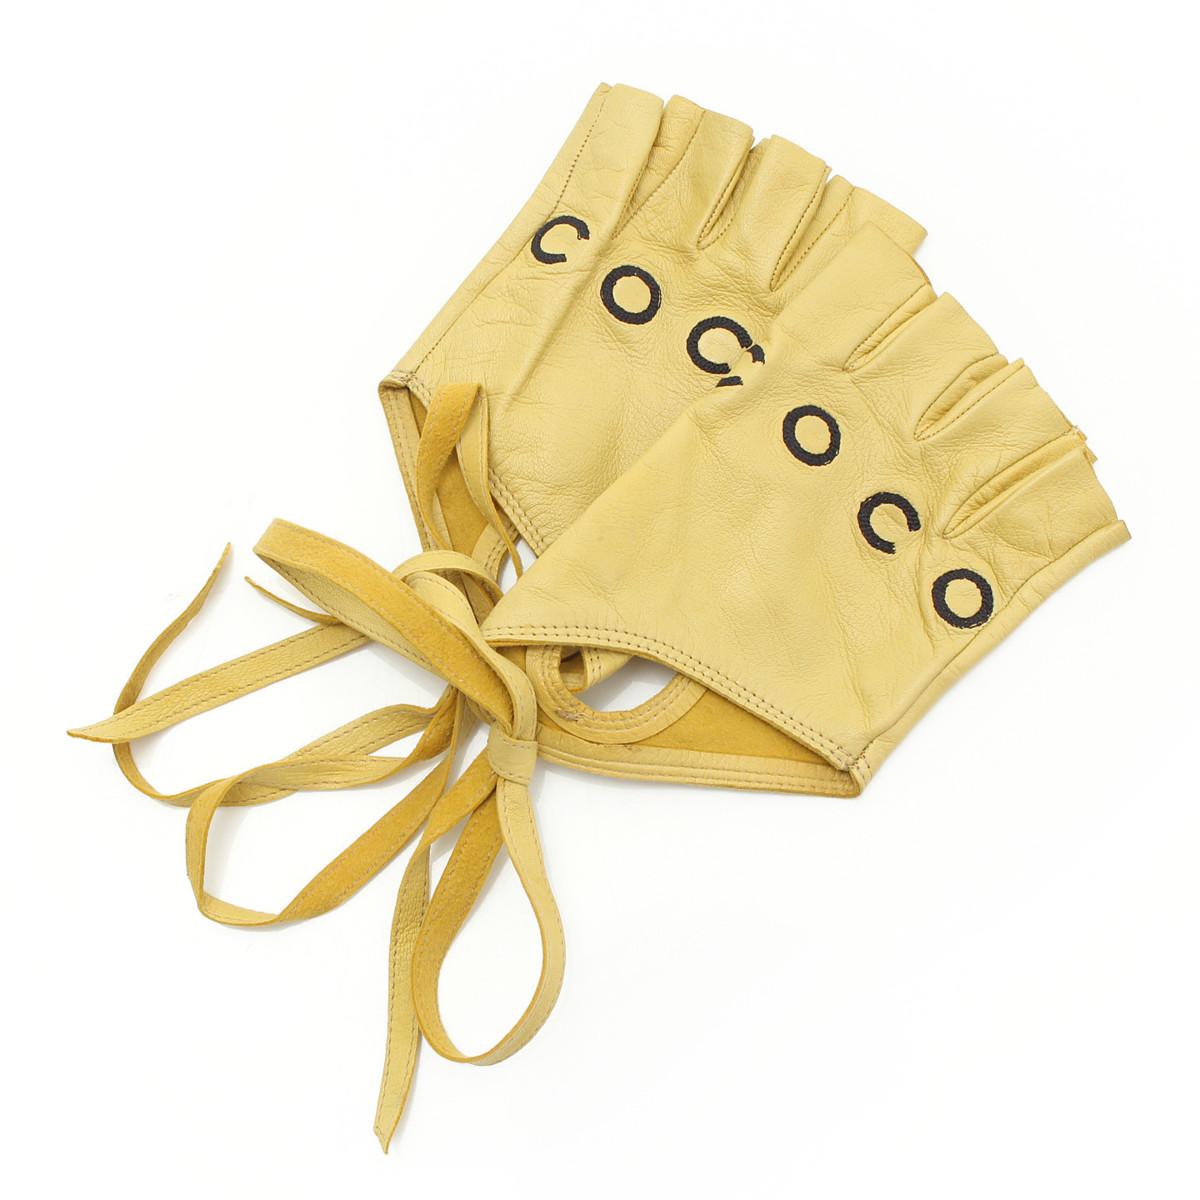 【シャネル】Chanel 01P COCO フィンガーレス レザー グローブ 手袋 イエロー 【中古】【鑑定済・正規品保証】【送料無料】29521